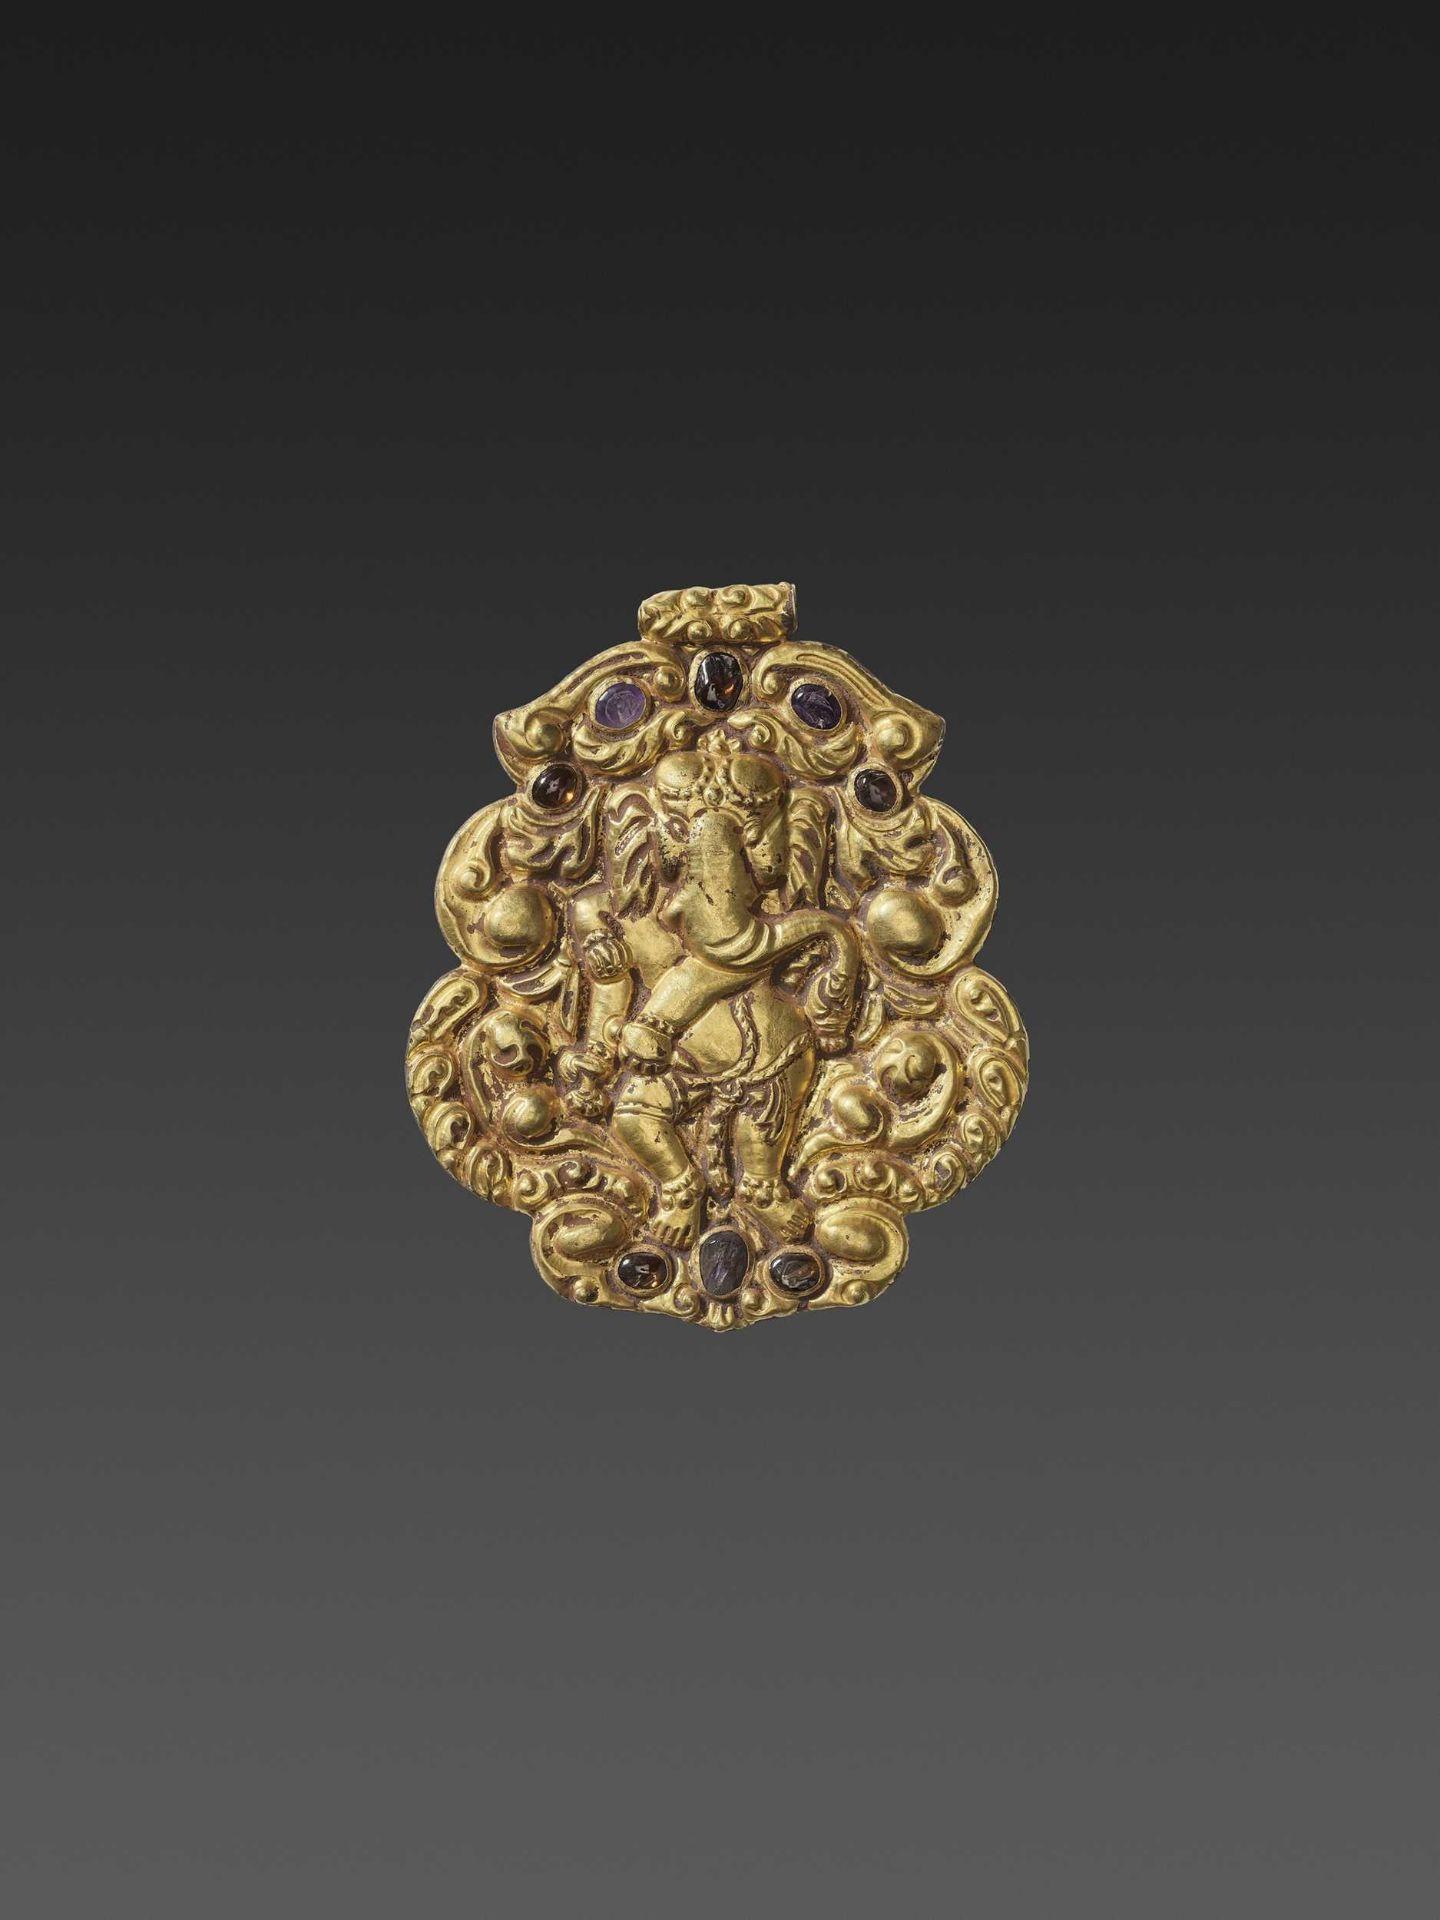 A CHAM GEMSTONE-SET GOLD REPOUSSÉ PENDANT DEPICTING GANESHA DANCING